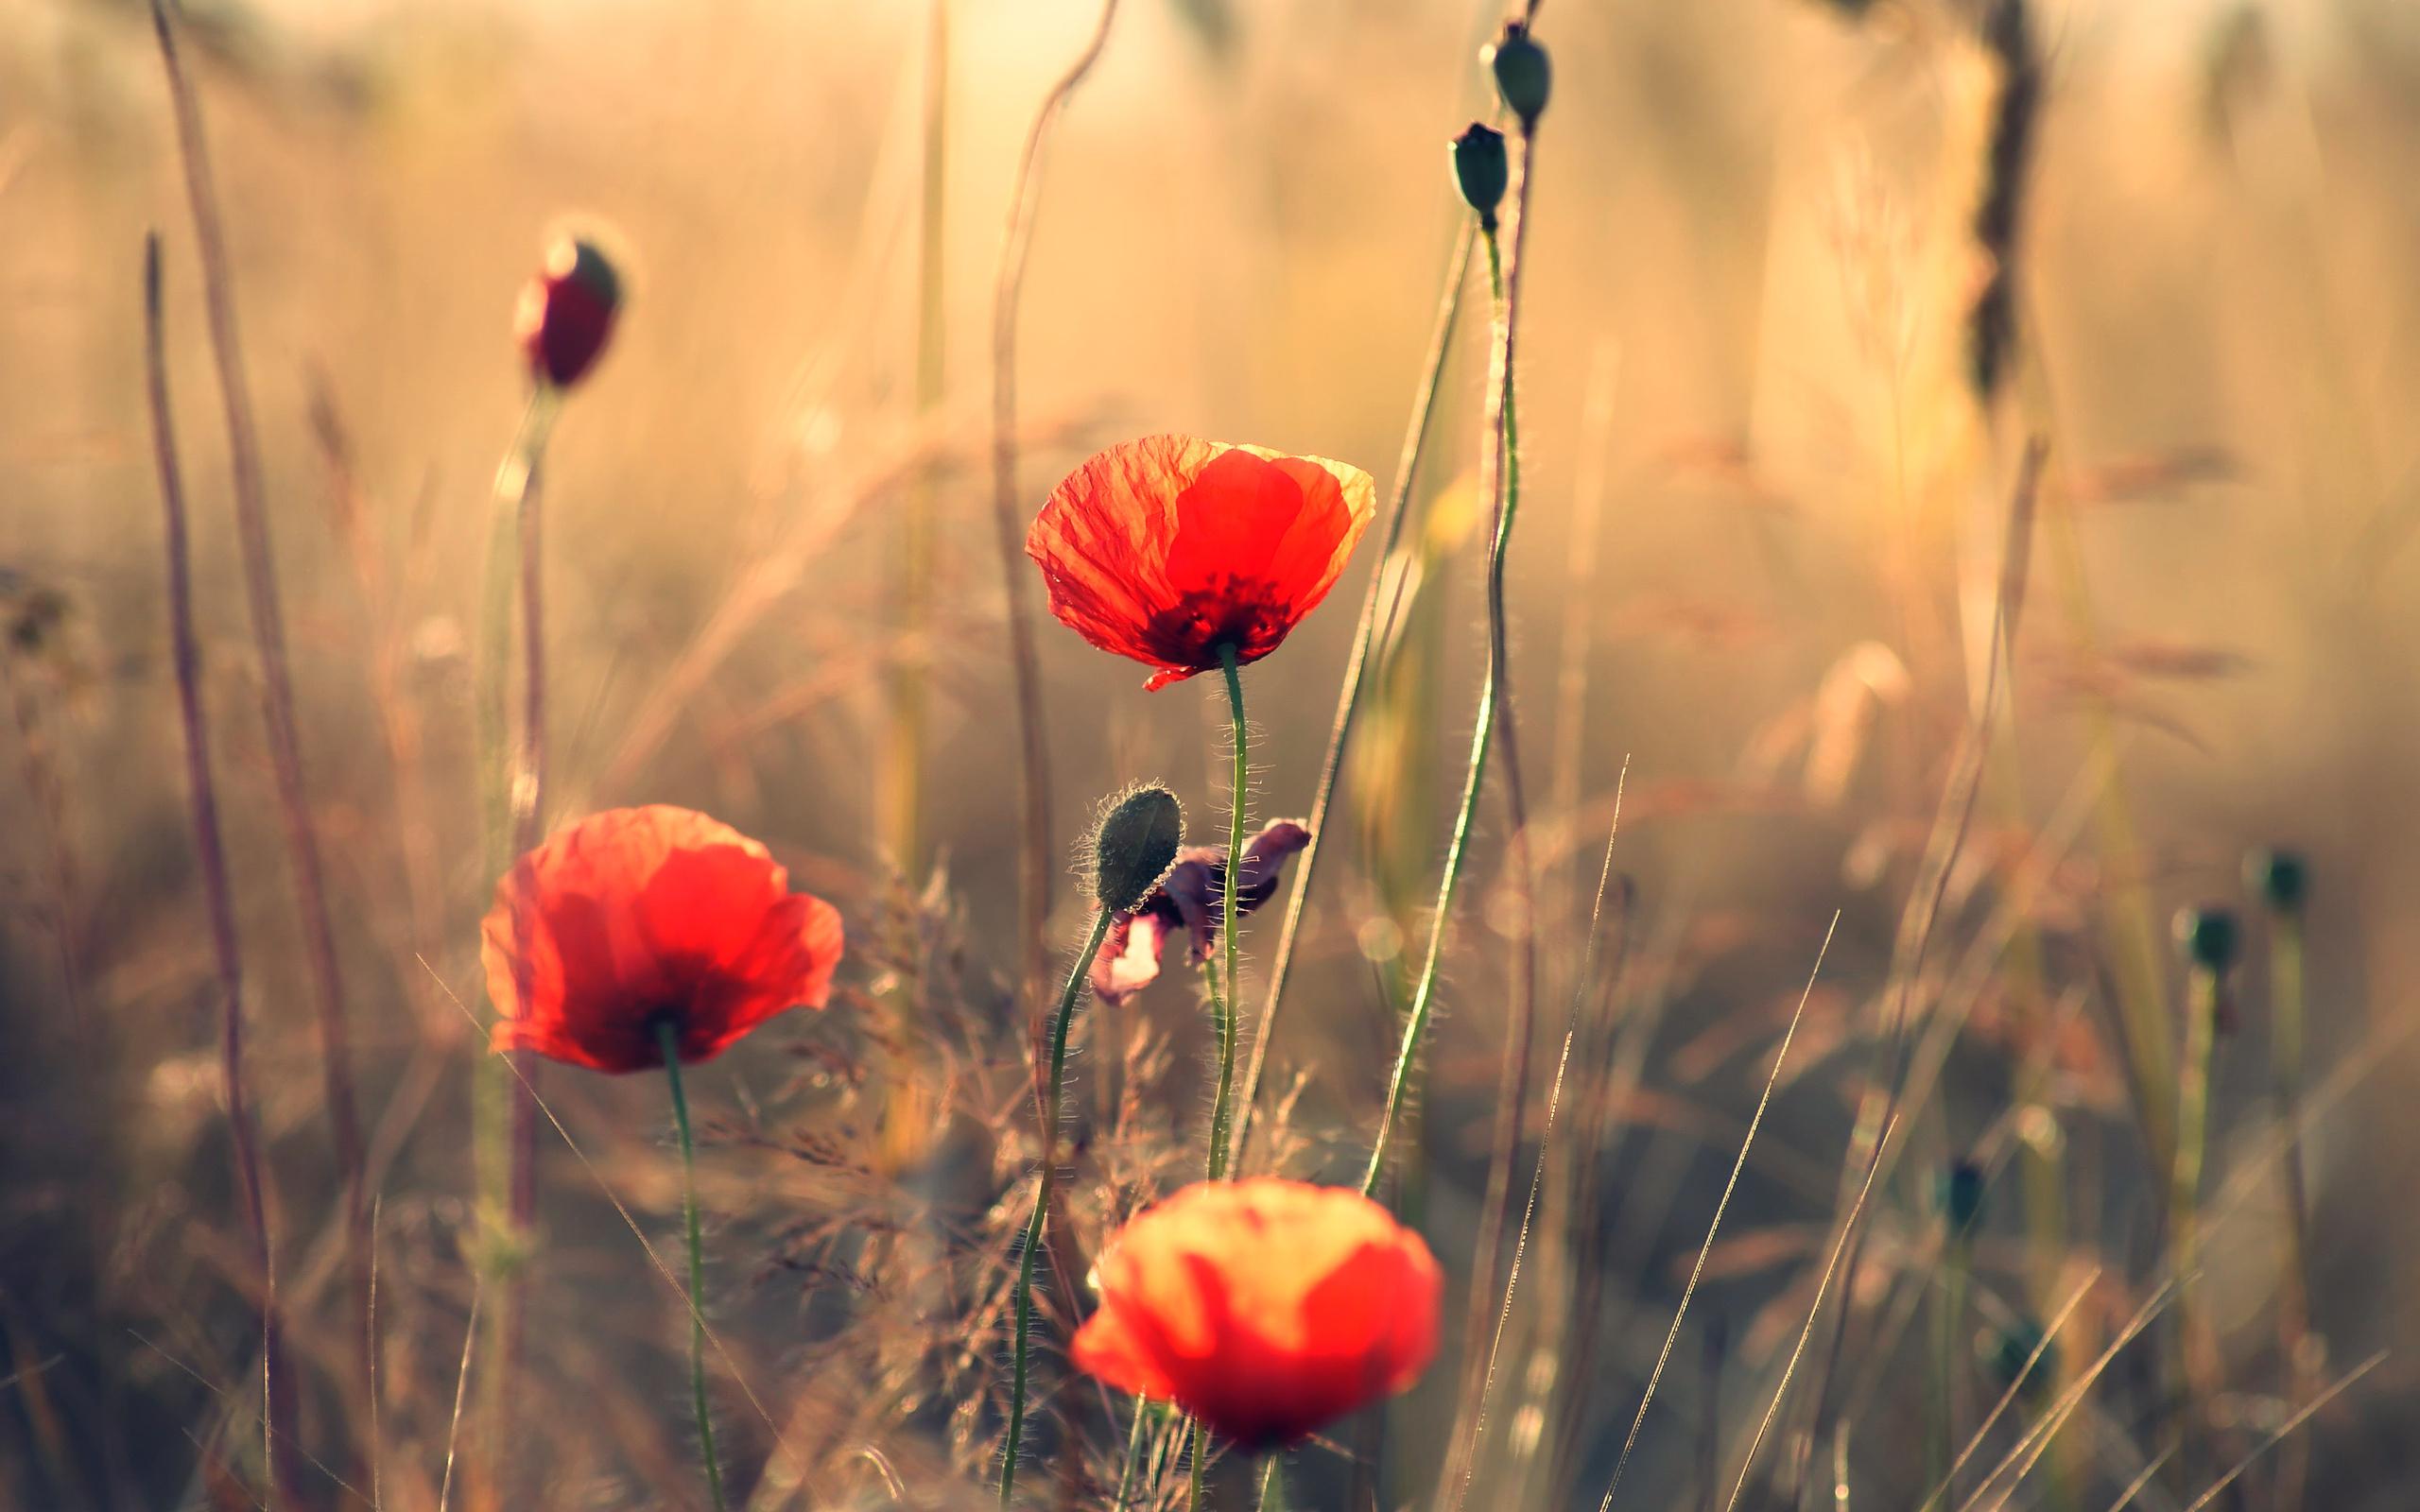 мак трава поляна Mac grass glade скачать